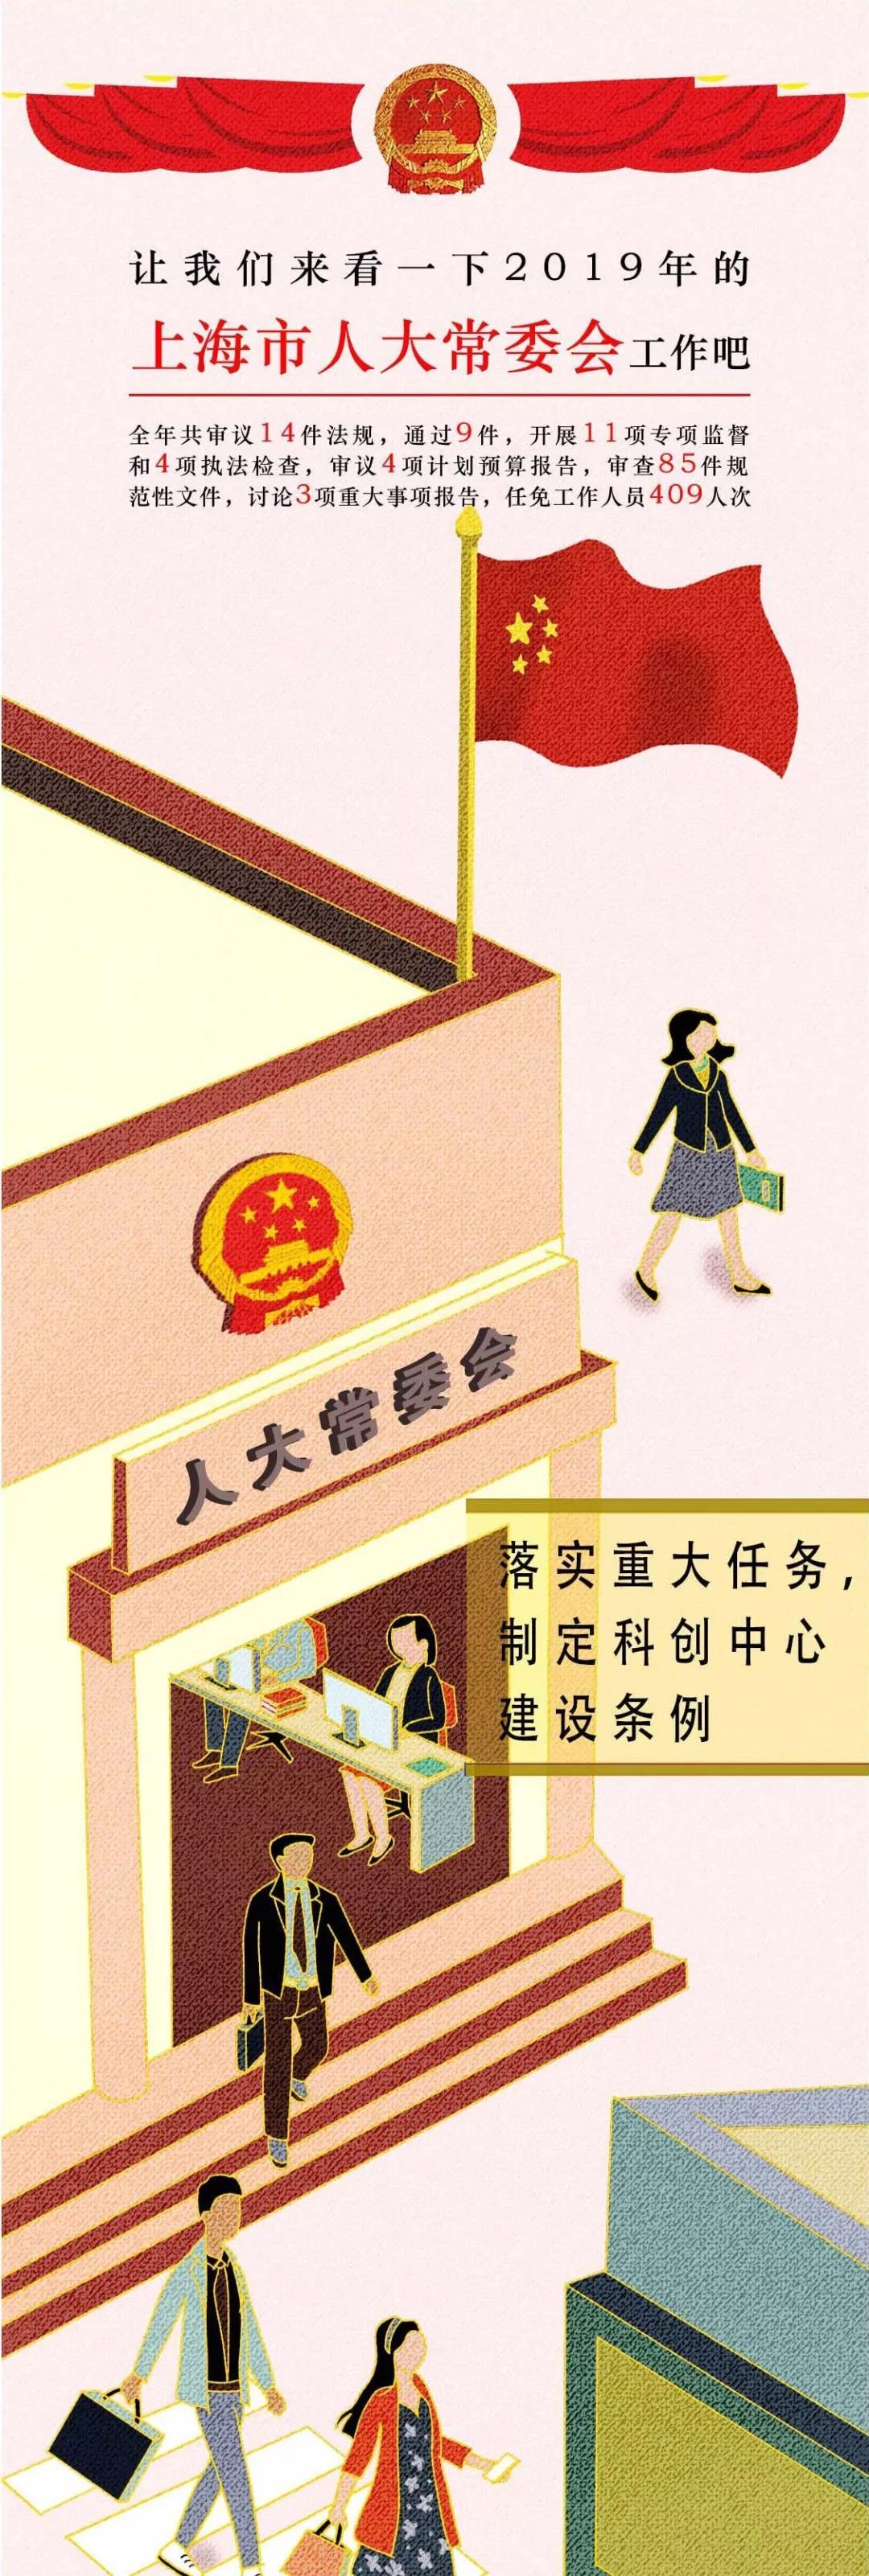 一图速览!上海市人大常委会工作报告要点来啦